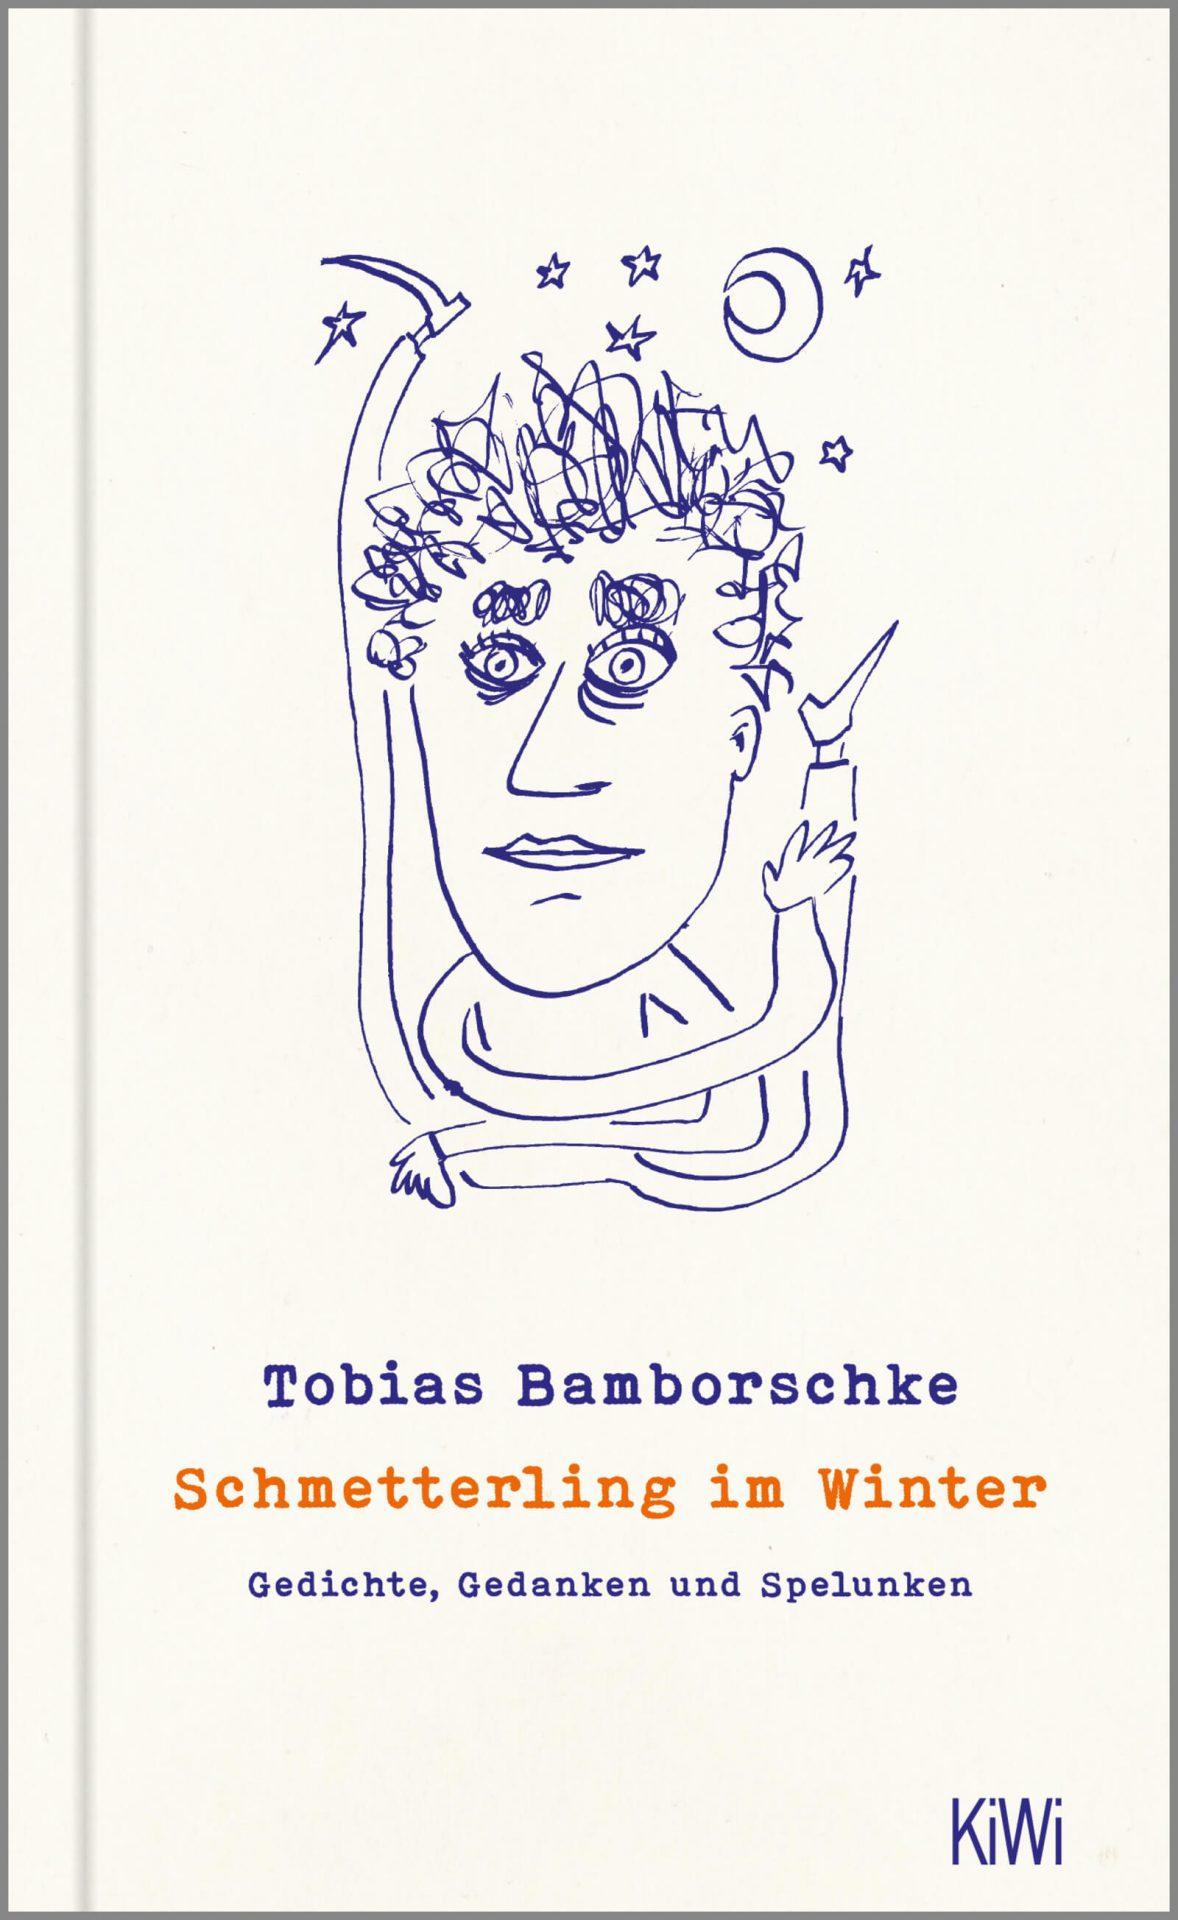 Tobias Bamborschke – Schmetterling im Winter